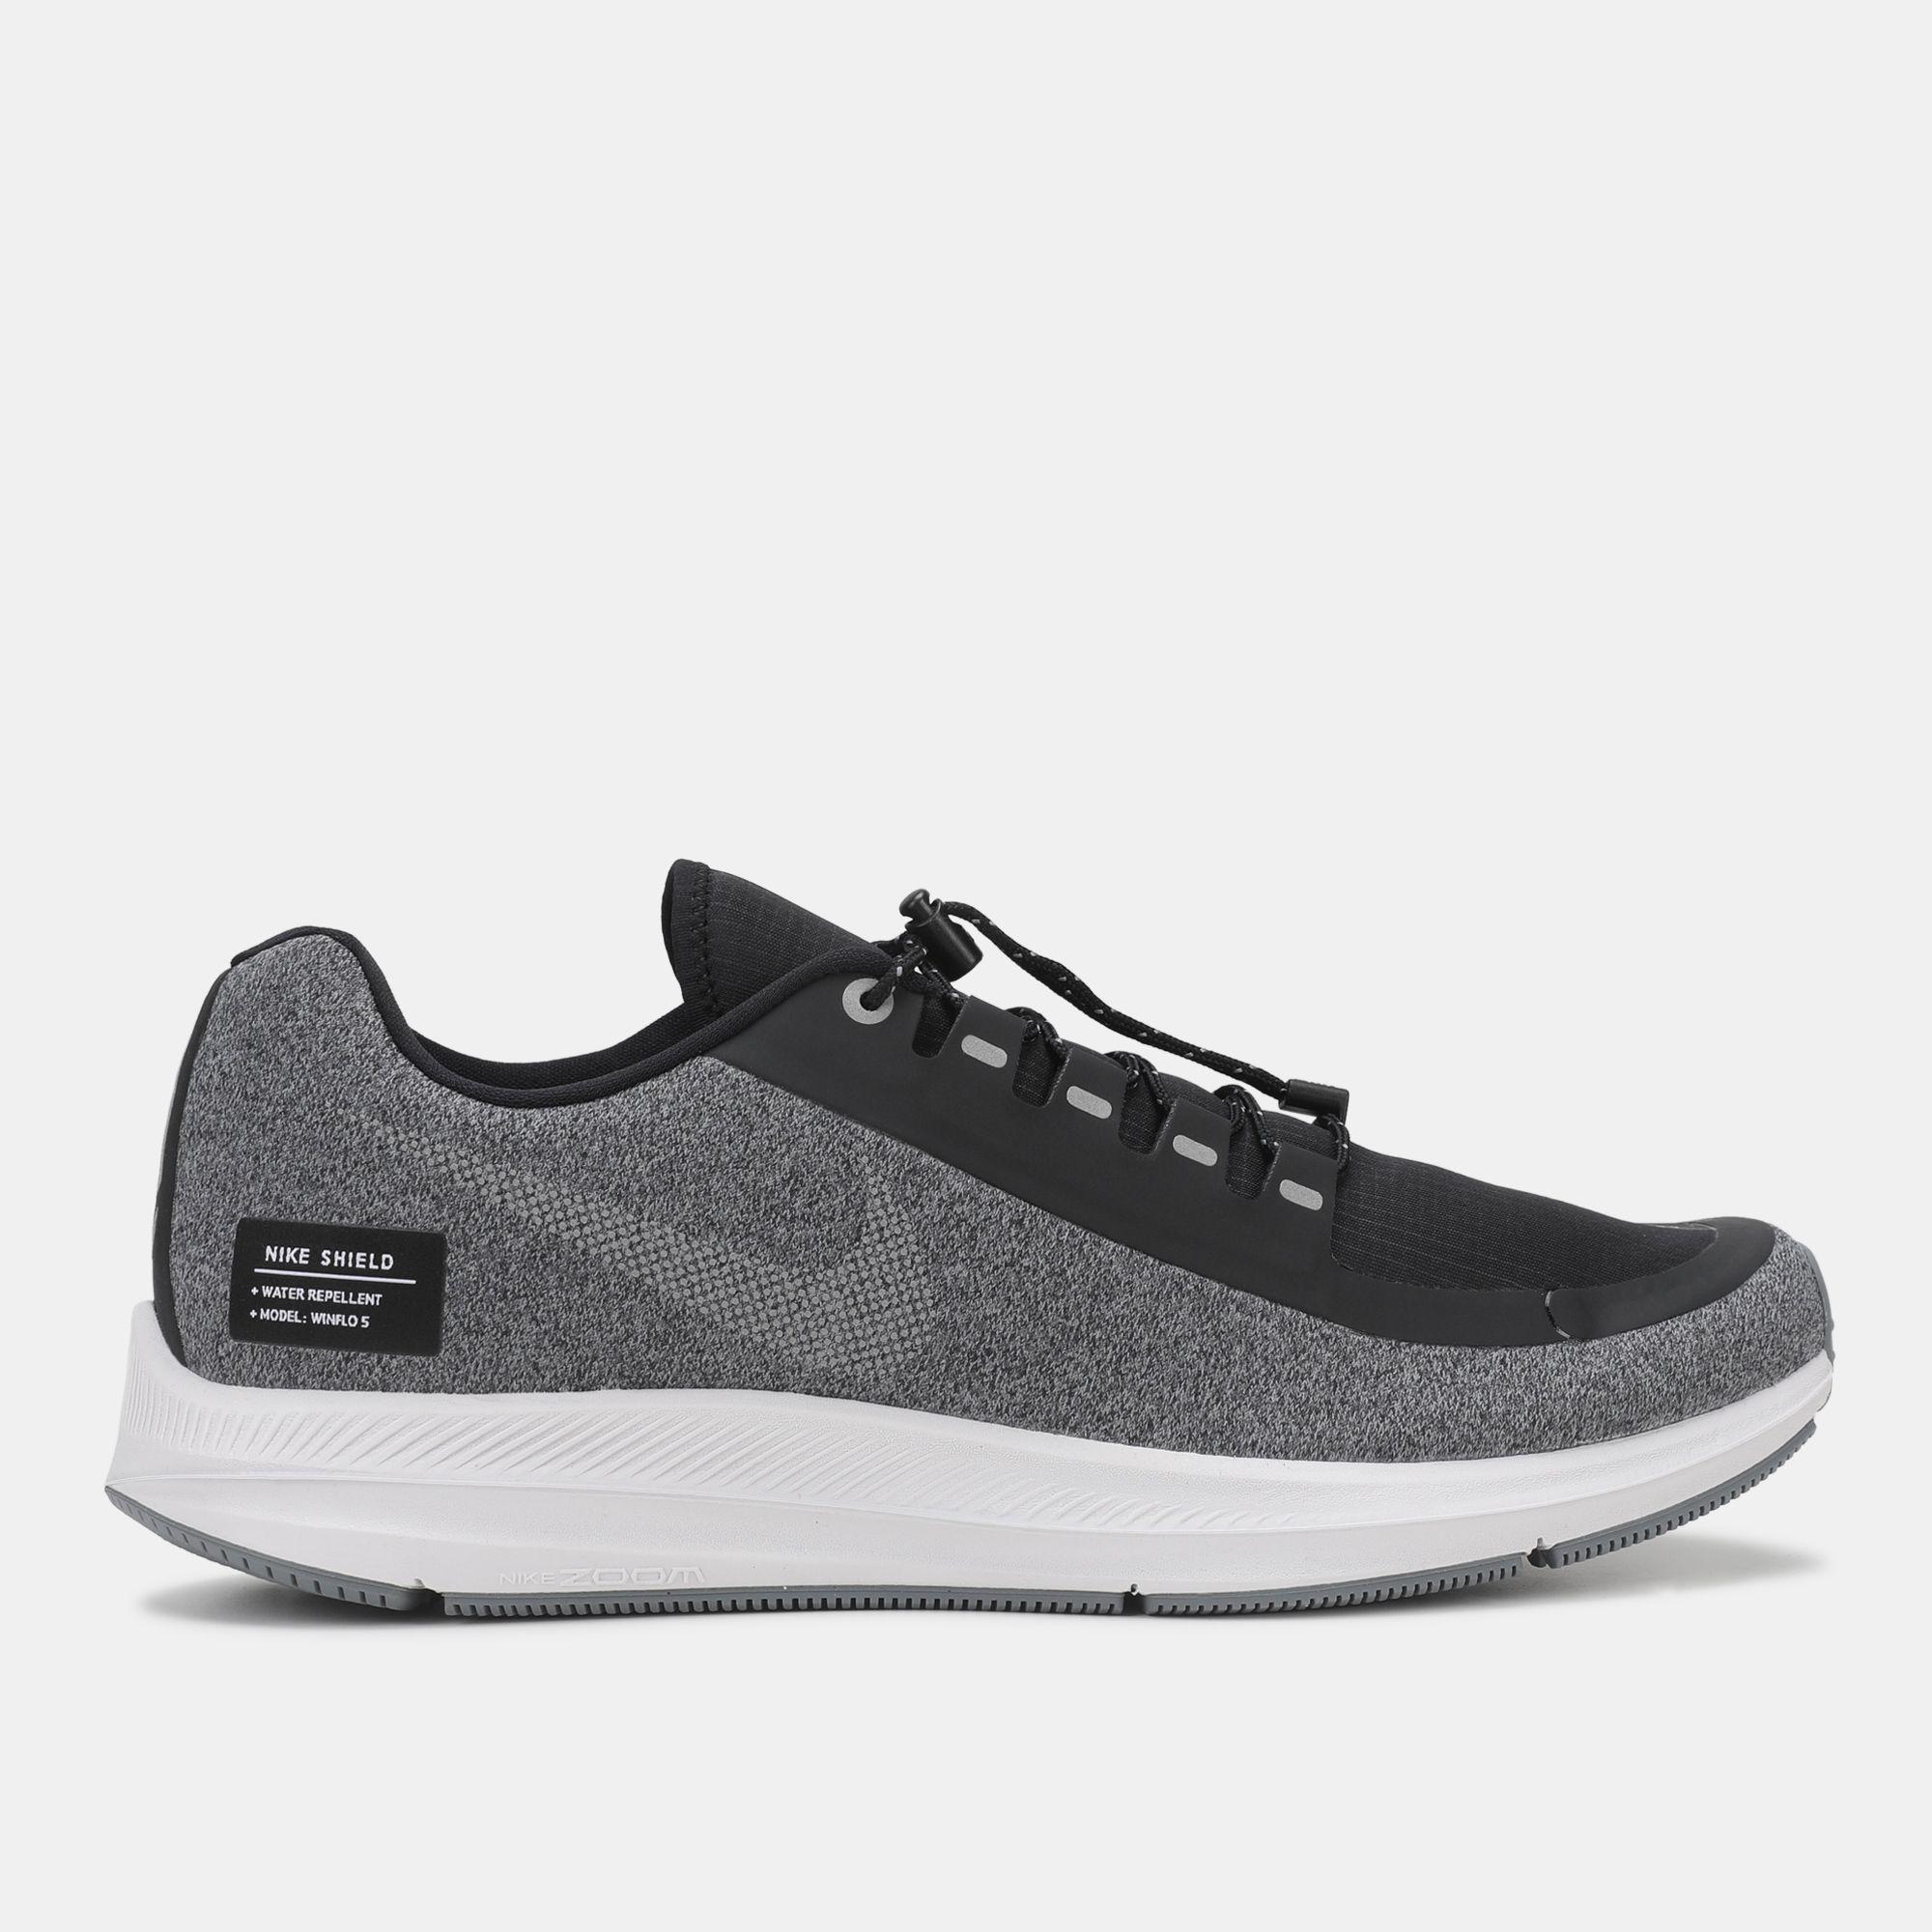 huge discount 05eca 3d967 Nike Zoom Winflo 5 Run Shield Shoe